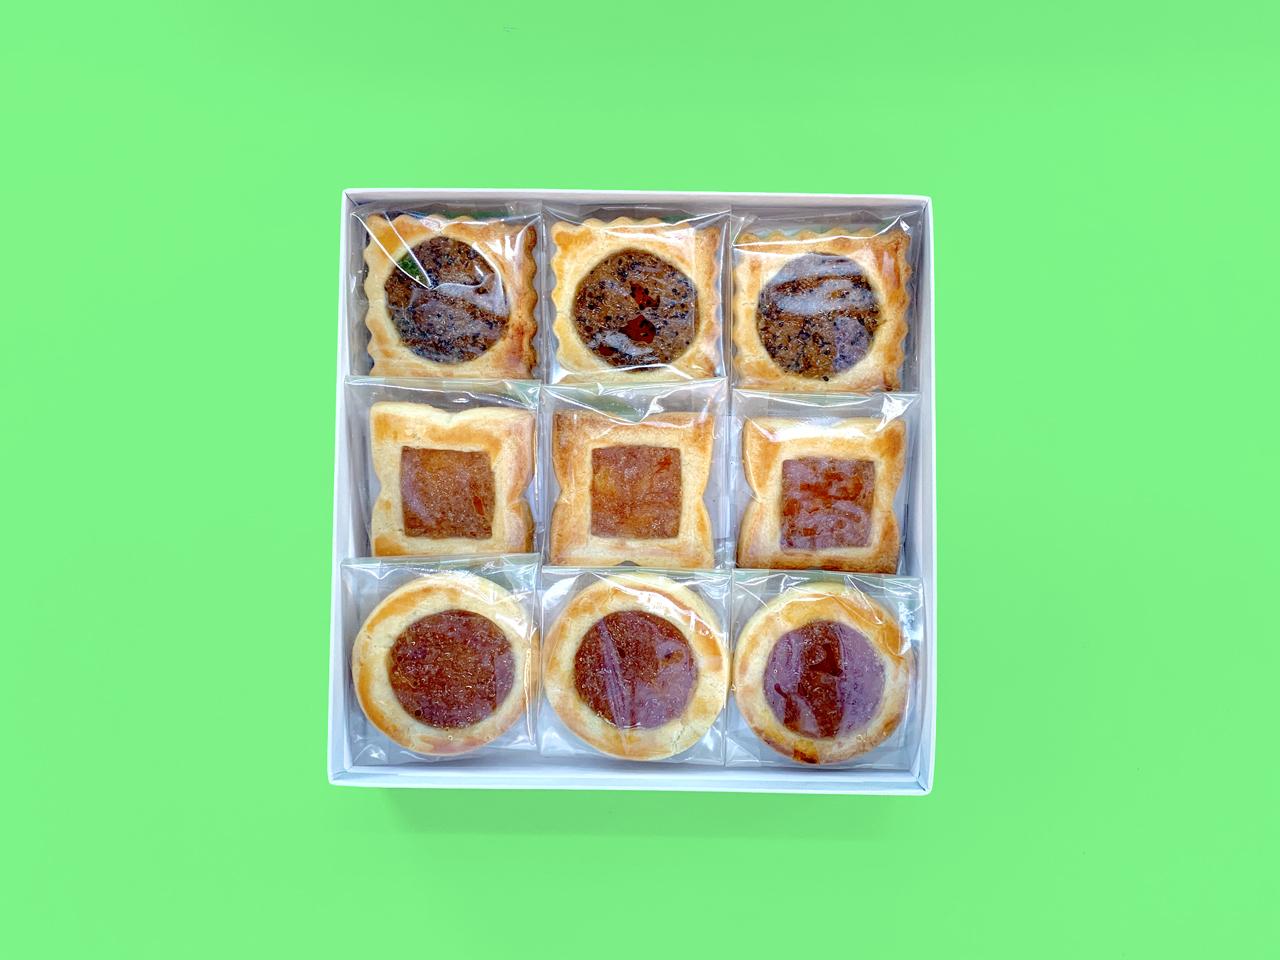 【1/26発送分予約】空家スイーツ(ロシアケーキ)9個入り1箱(キウイ/ゆず/かき)